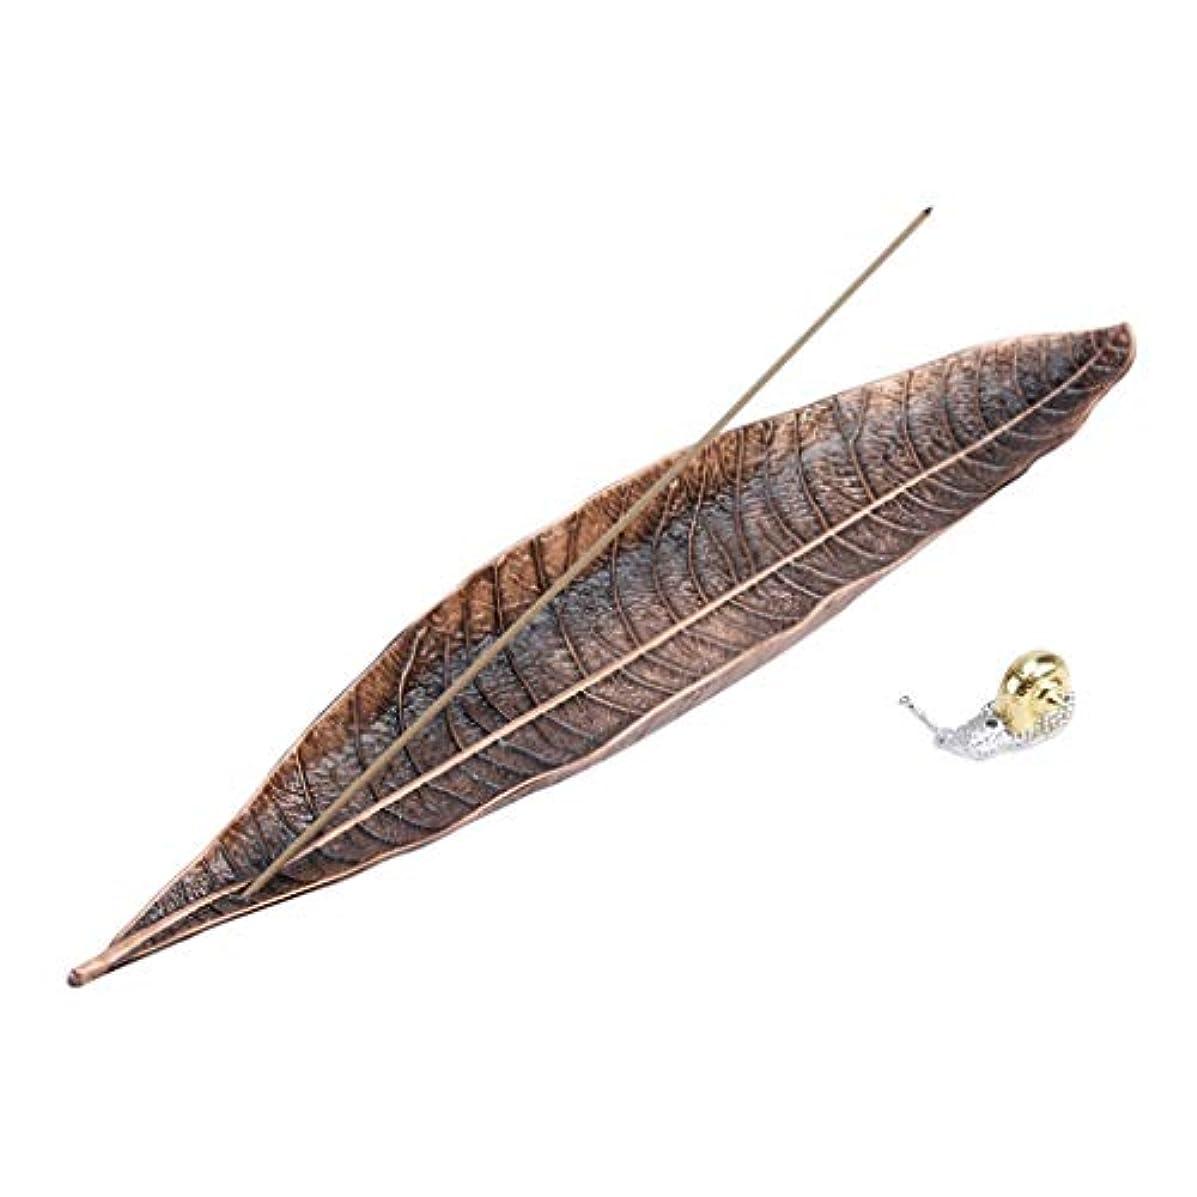 スティーブンソンエゴイズムリベラルホームアロマバーナー カタツムリの香の棒のホールダーの家の装飾の付属品が付いている葉の香のホールダーの灰のキャッチャーの長い香バーナー 芳香器アロマバーナー (Color : A)